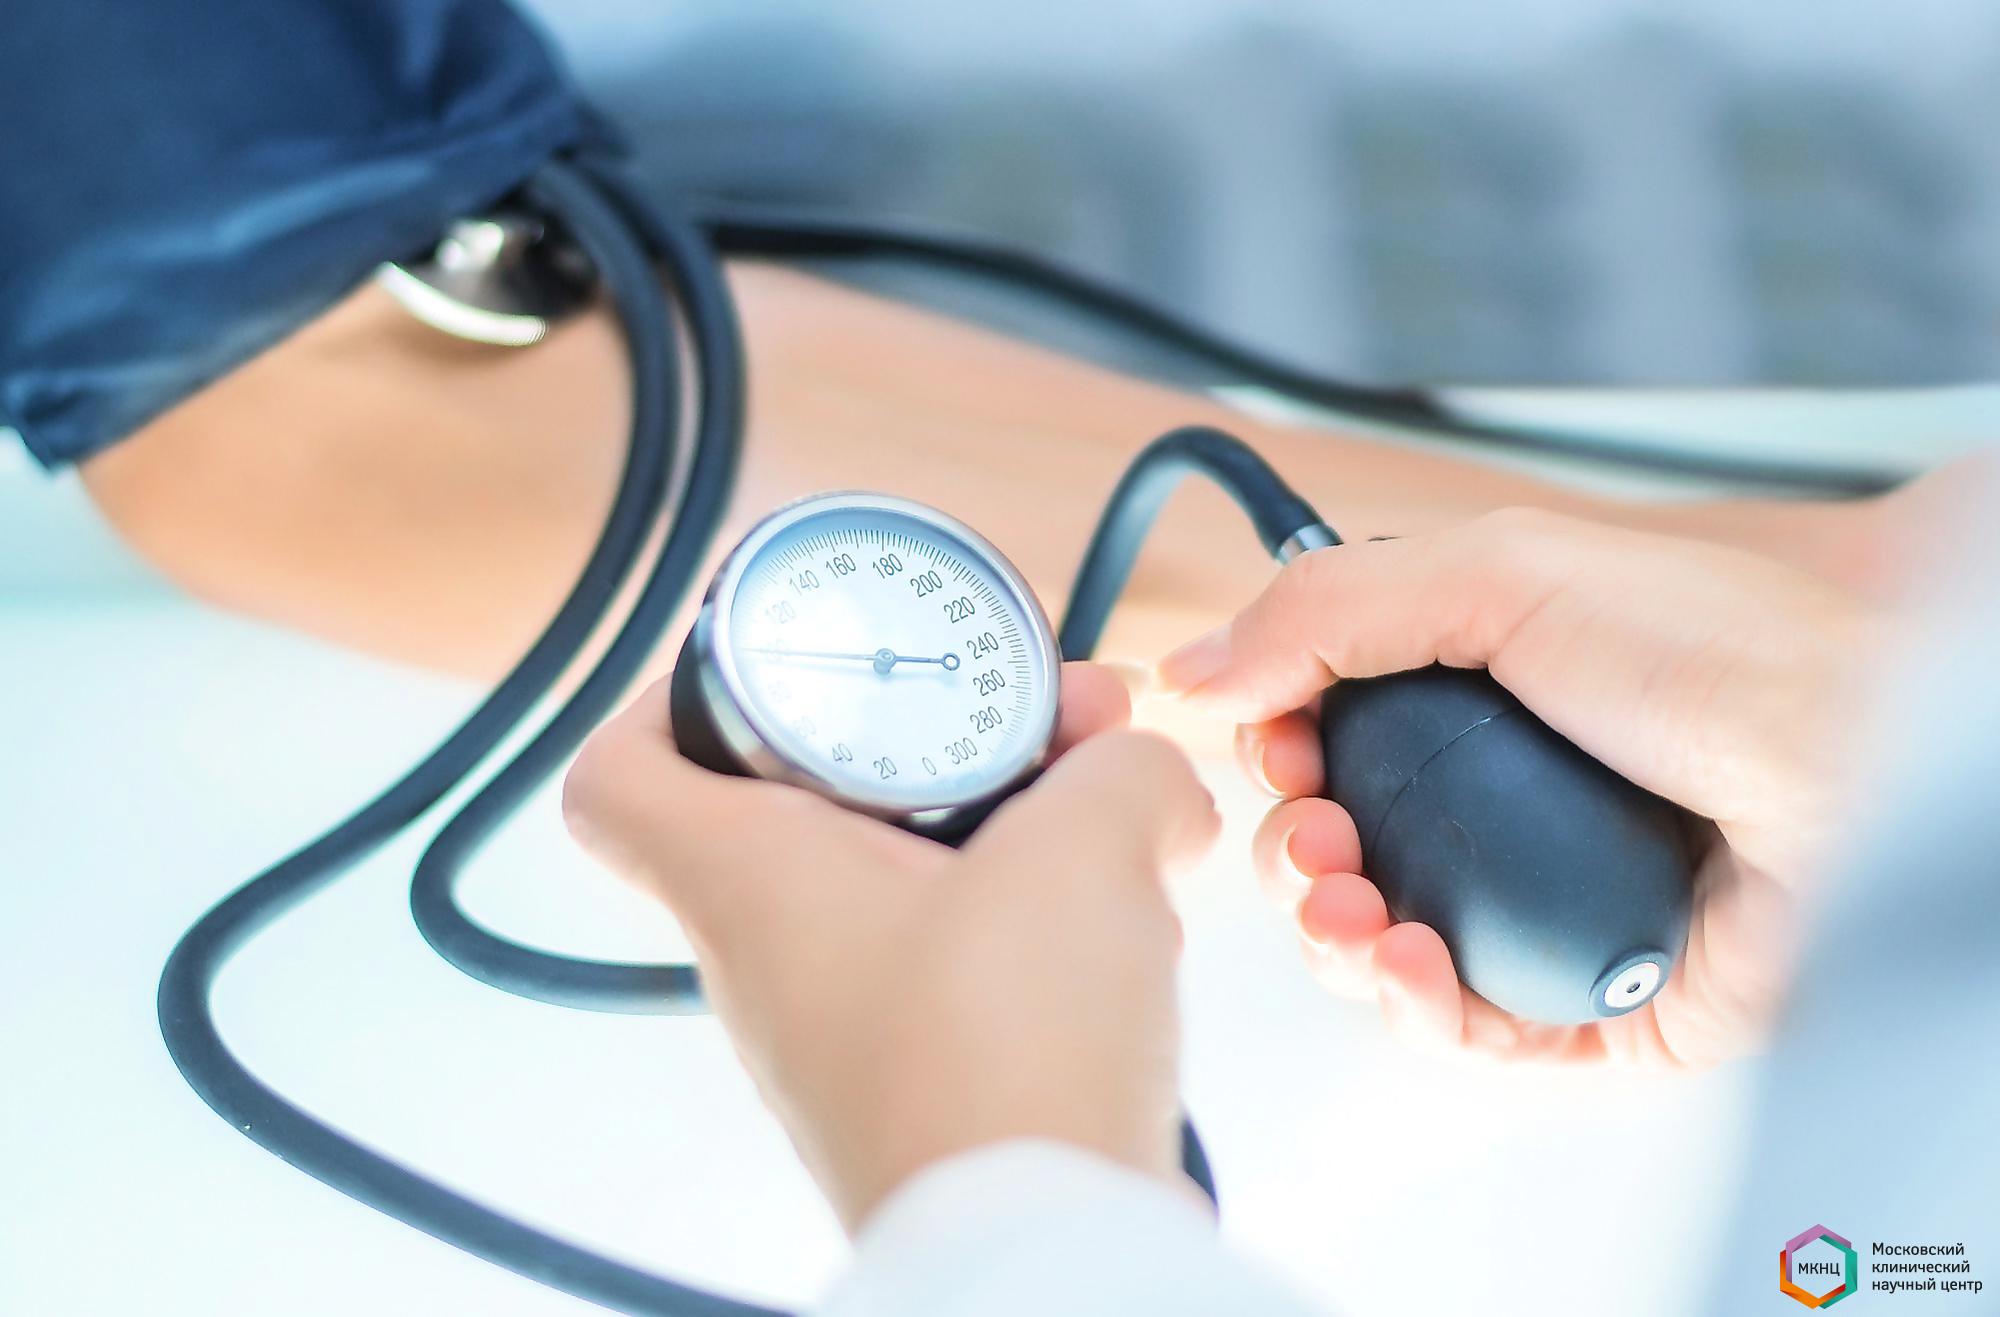 Артериальная гипертензия - Клиника доктора Максудовой